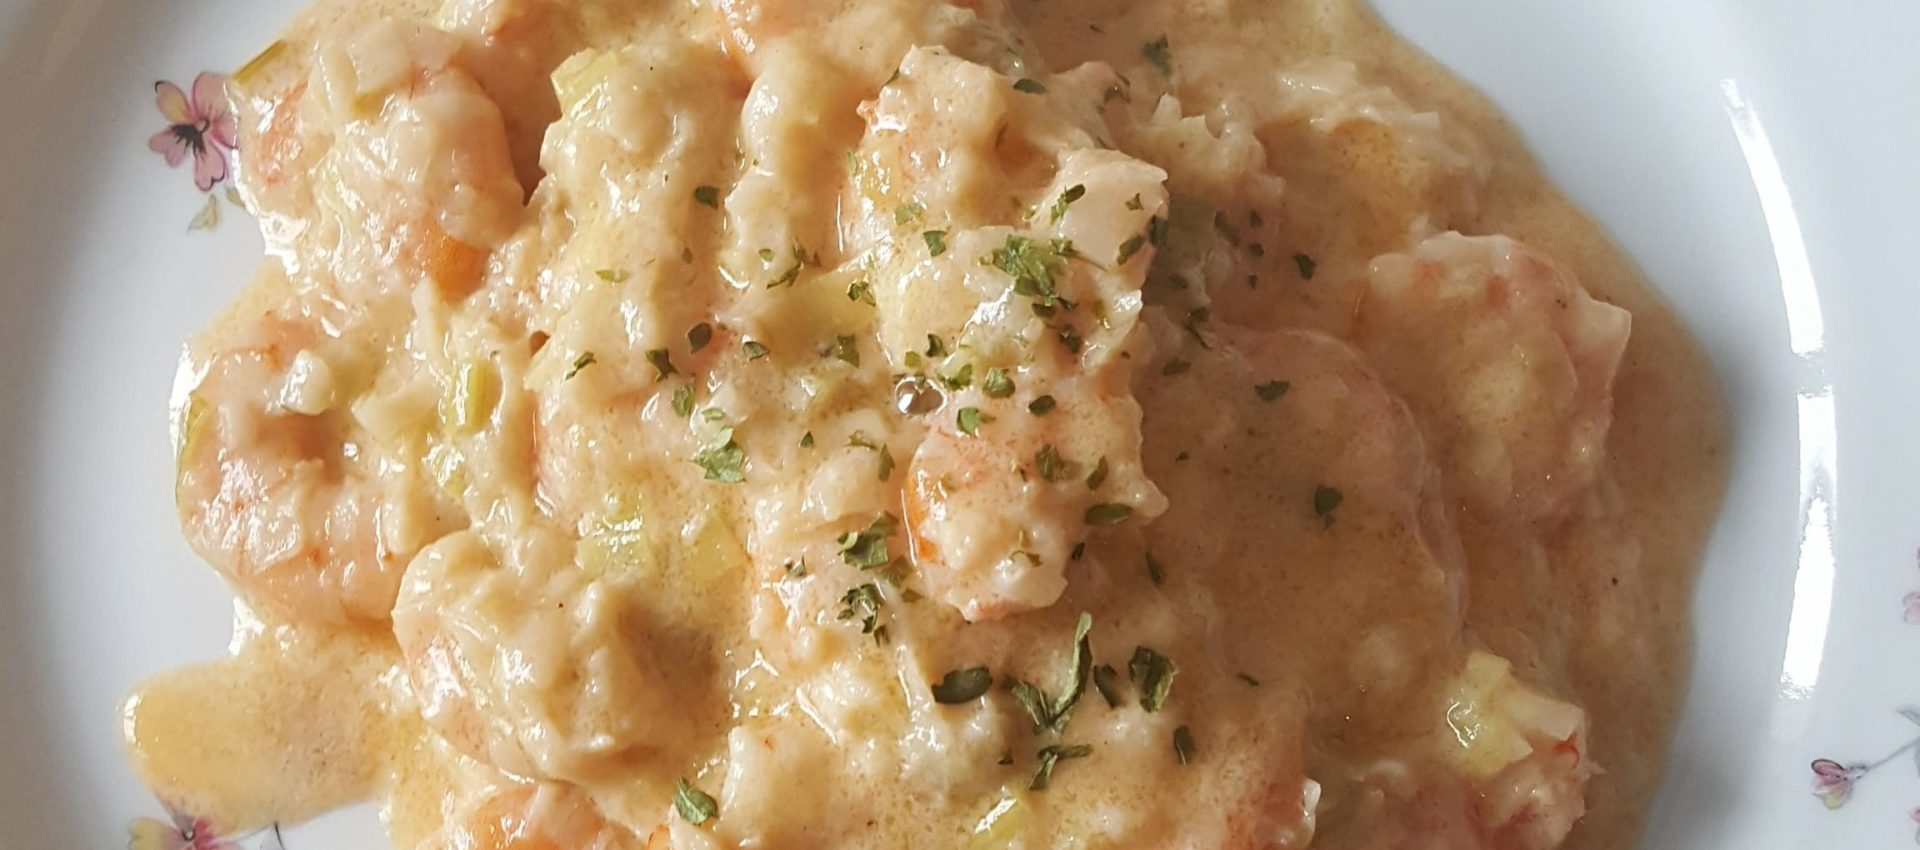 Crevettes sur fondue de poireaux au cookeo